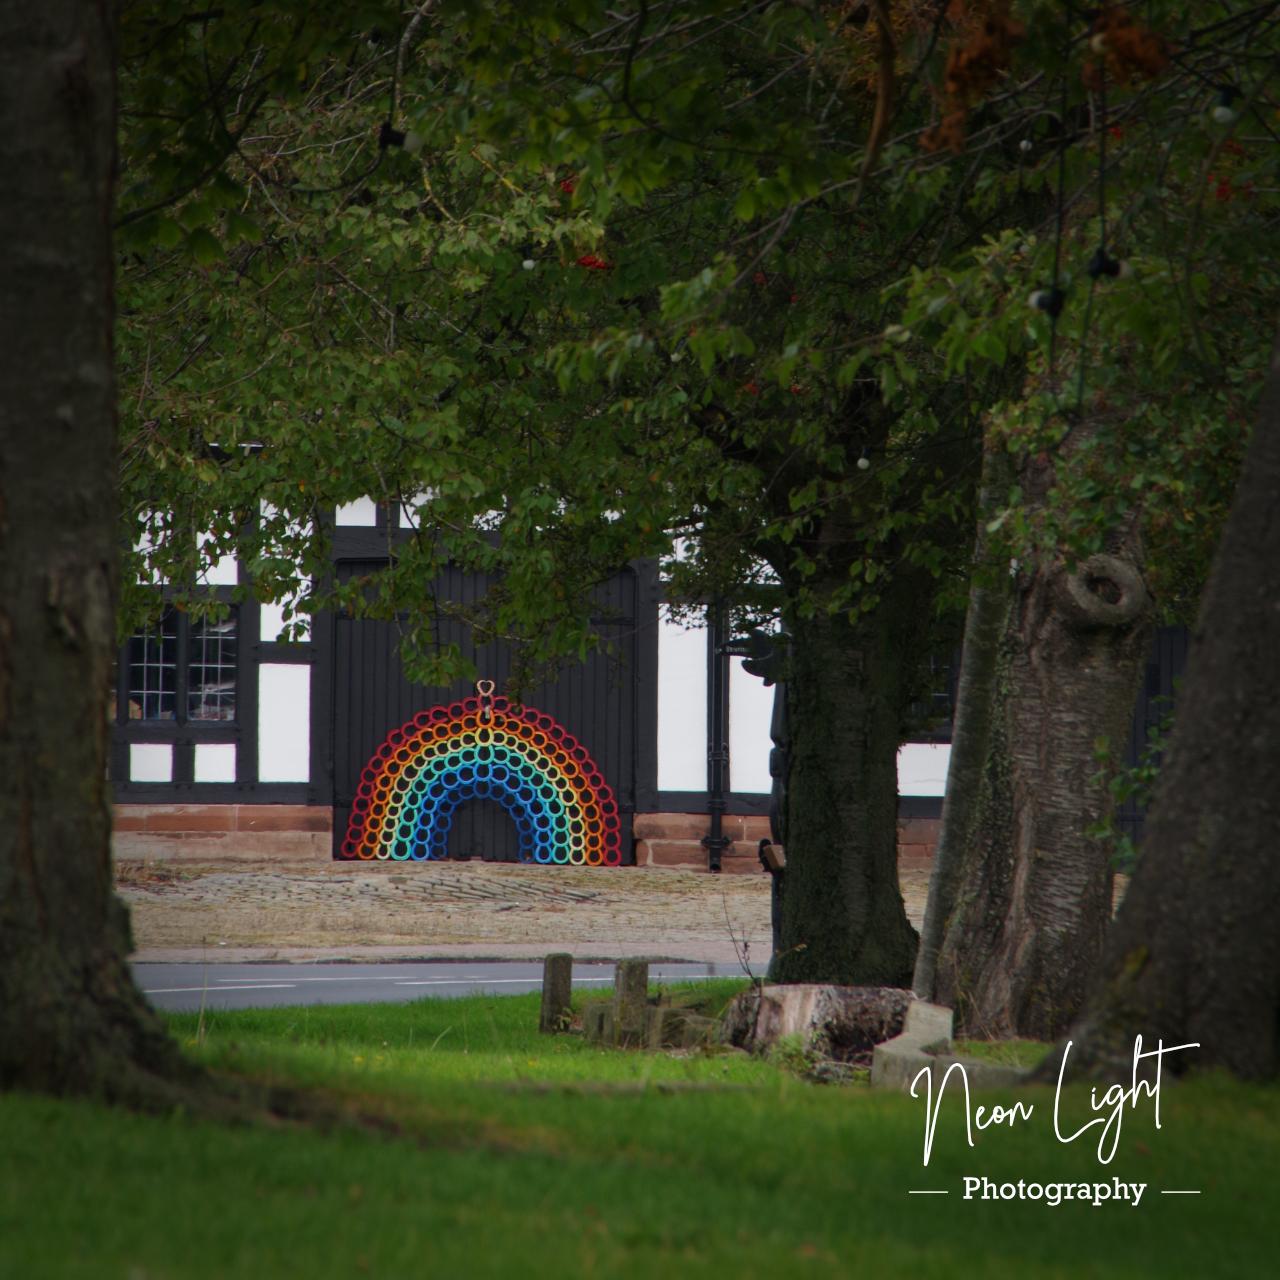 Smithy Rainbow through the Trees